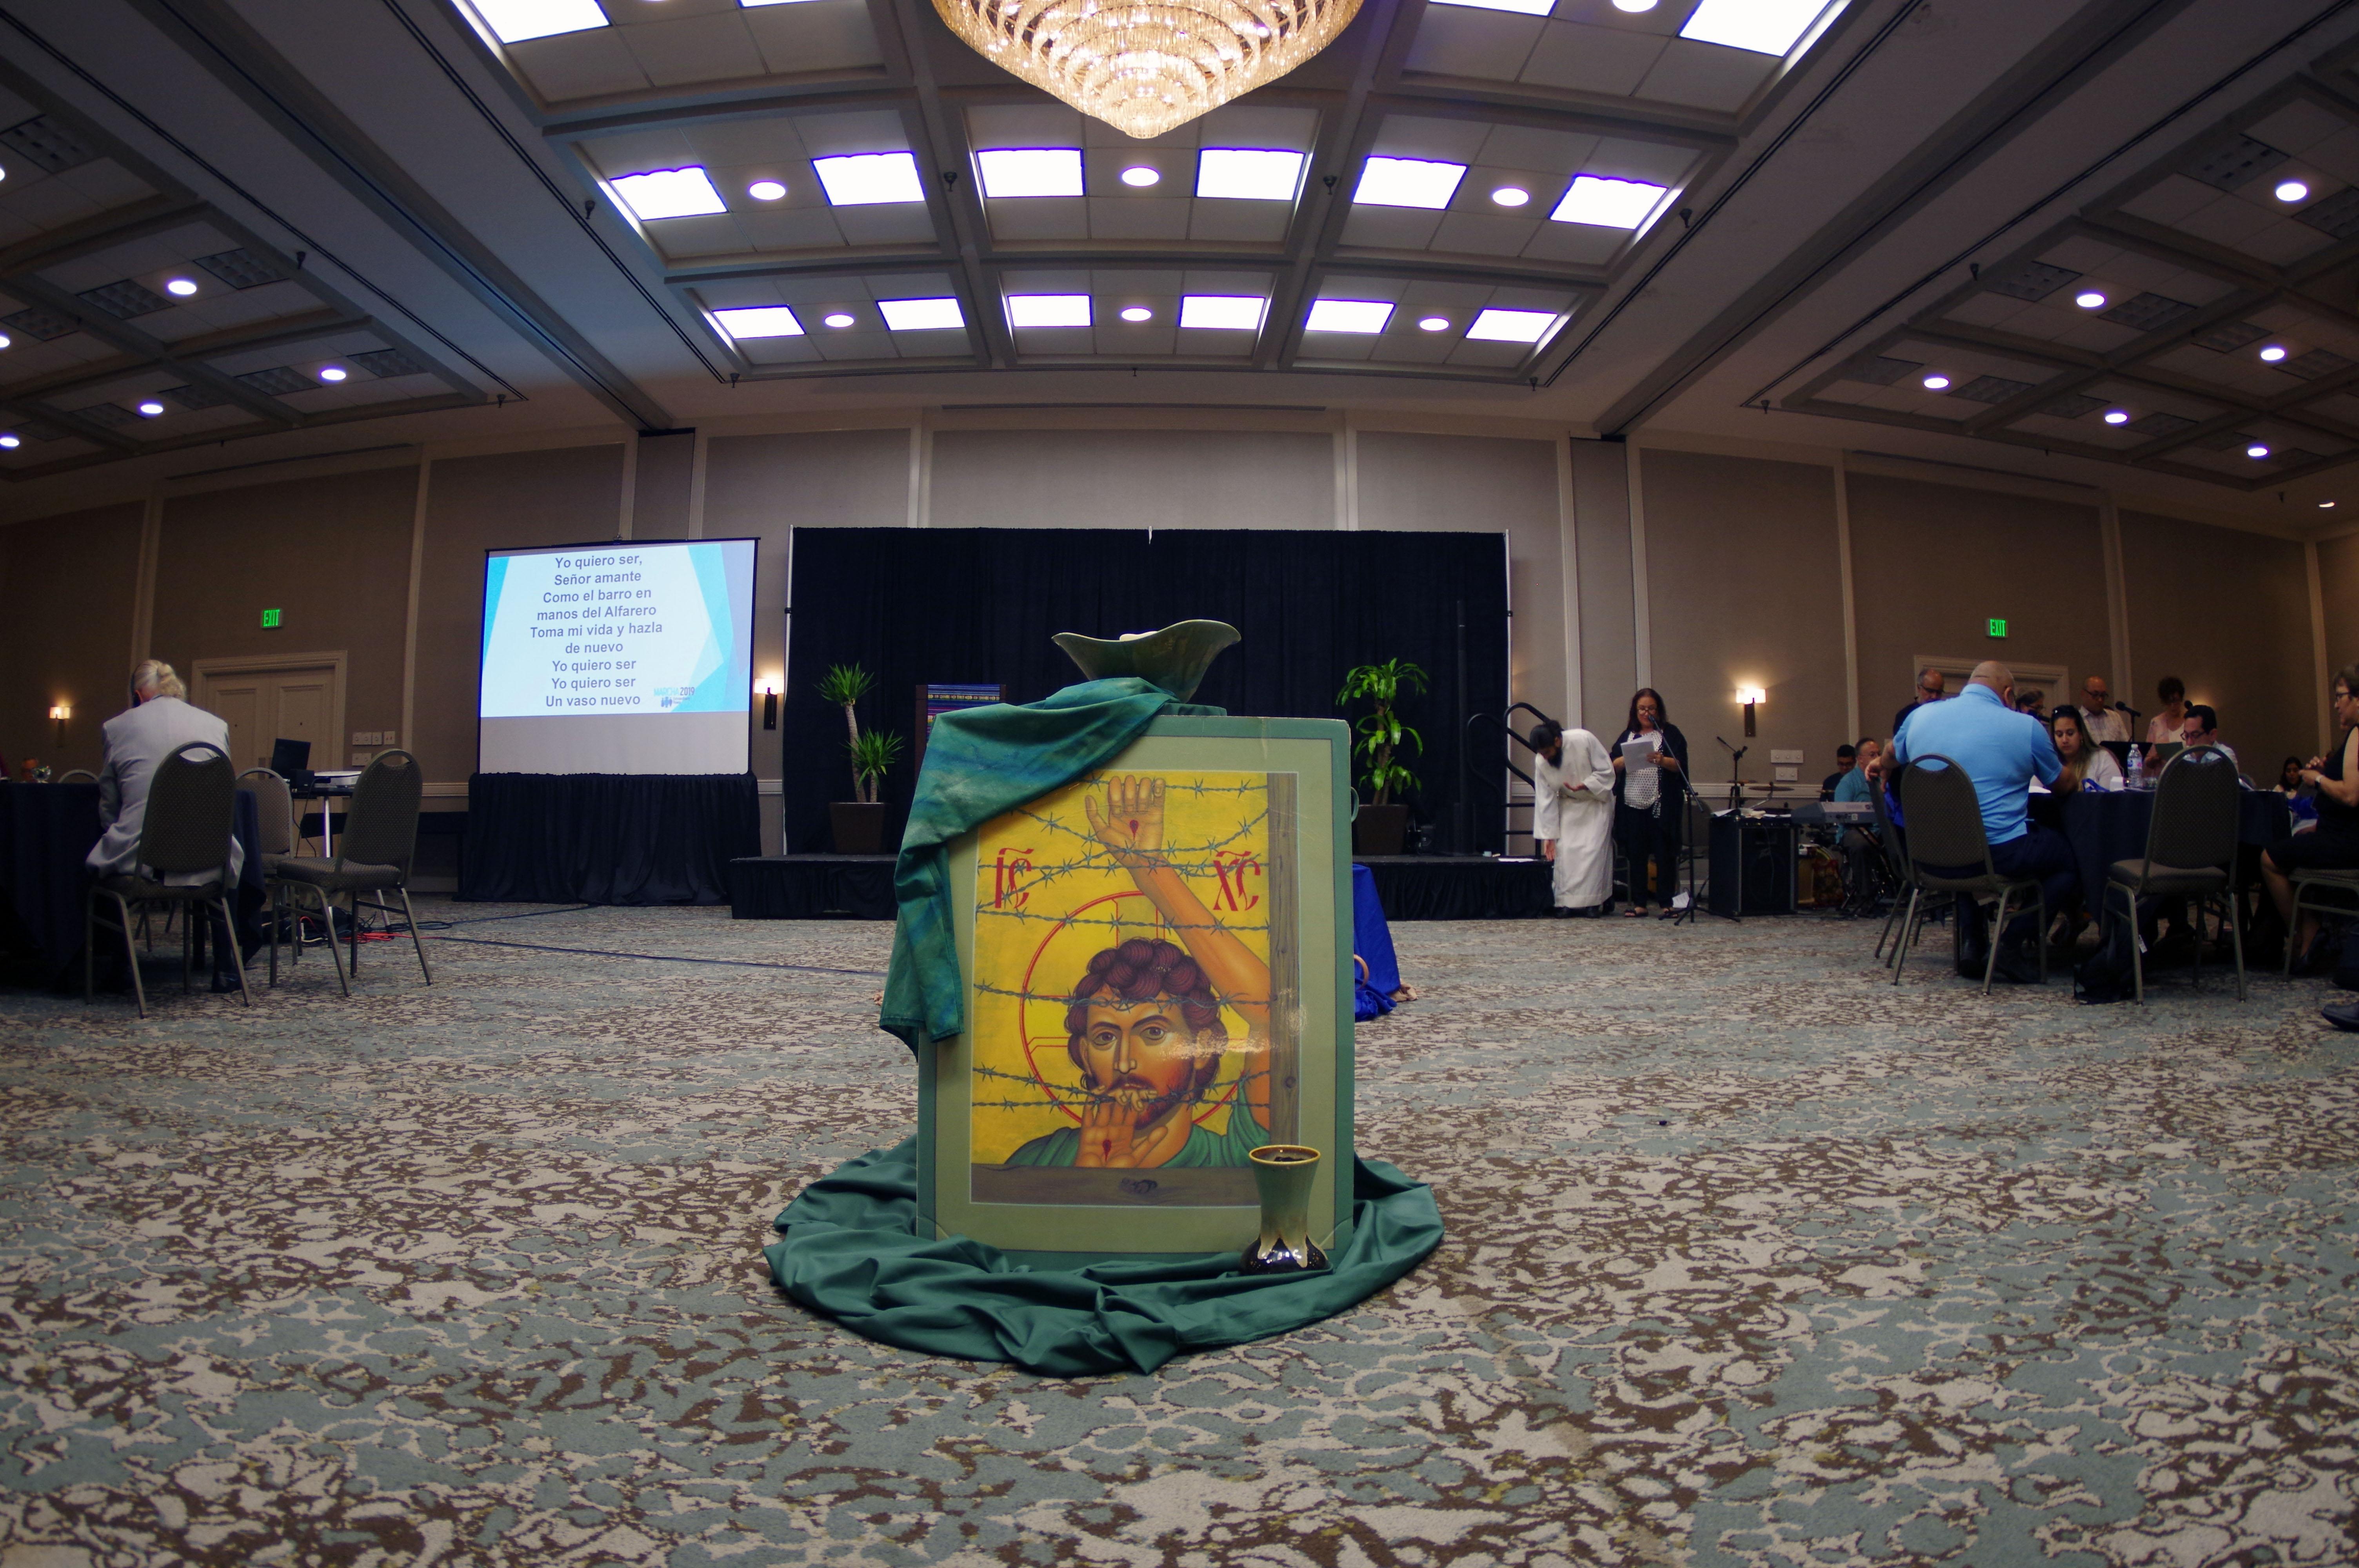 Cerca de 200 personas se dieron cita en la apertura de la 48va asamblea anual del caucus hispano-latino MARCHA (Metodistas Asociados Representando la Causa hispano Americana), la cual estuvo enfocada en analizar y preparar a la comunidad hispano-latina para afrontar el impacto de las decisiones que se tomarán en la Conferencia General 2020 para el futuro de La Iglesia Metodista Unida y sus ministerios. Foto Rev. Gustavo Vasquez, Noticias MU.